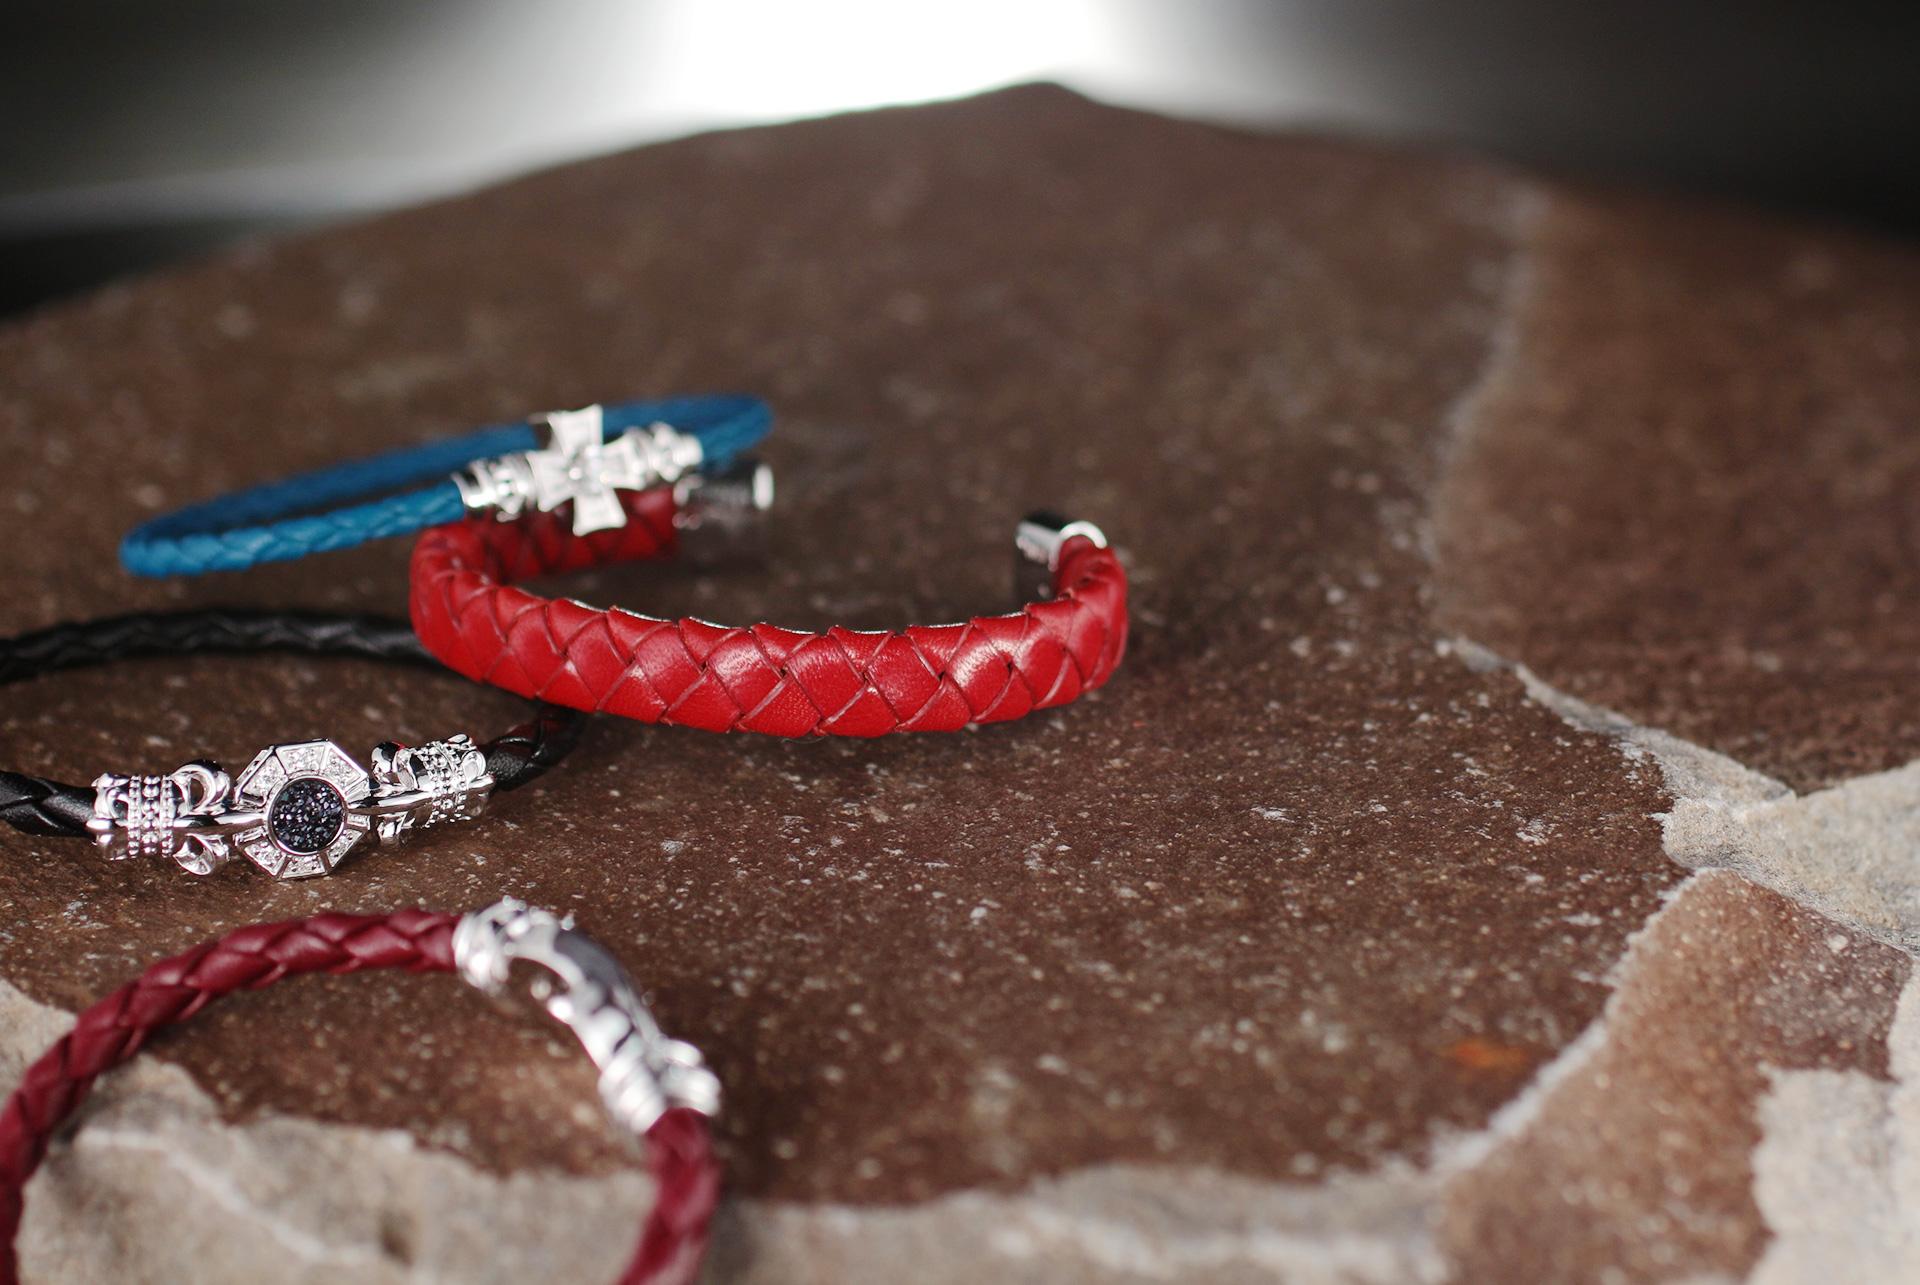 環の色(レザー製品)のコンセプトトップ画像。赤、青、黒、茶色のレザーとアクセサリー部分の調和が美しい商品です。